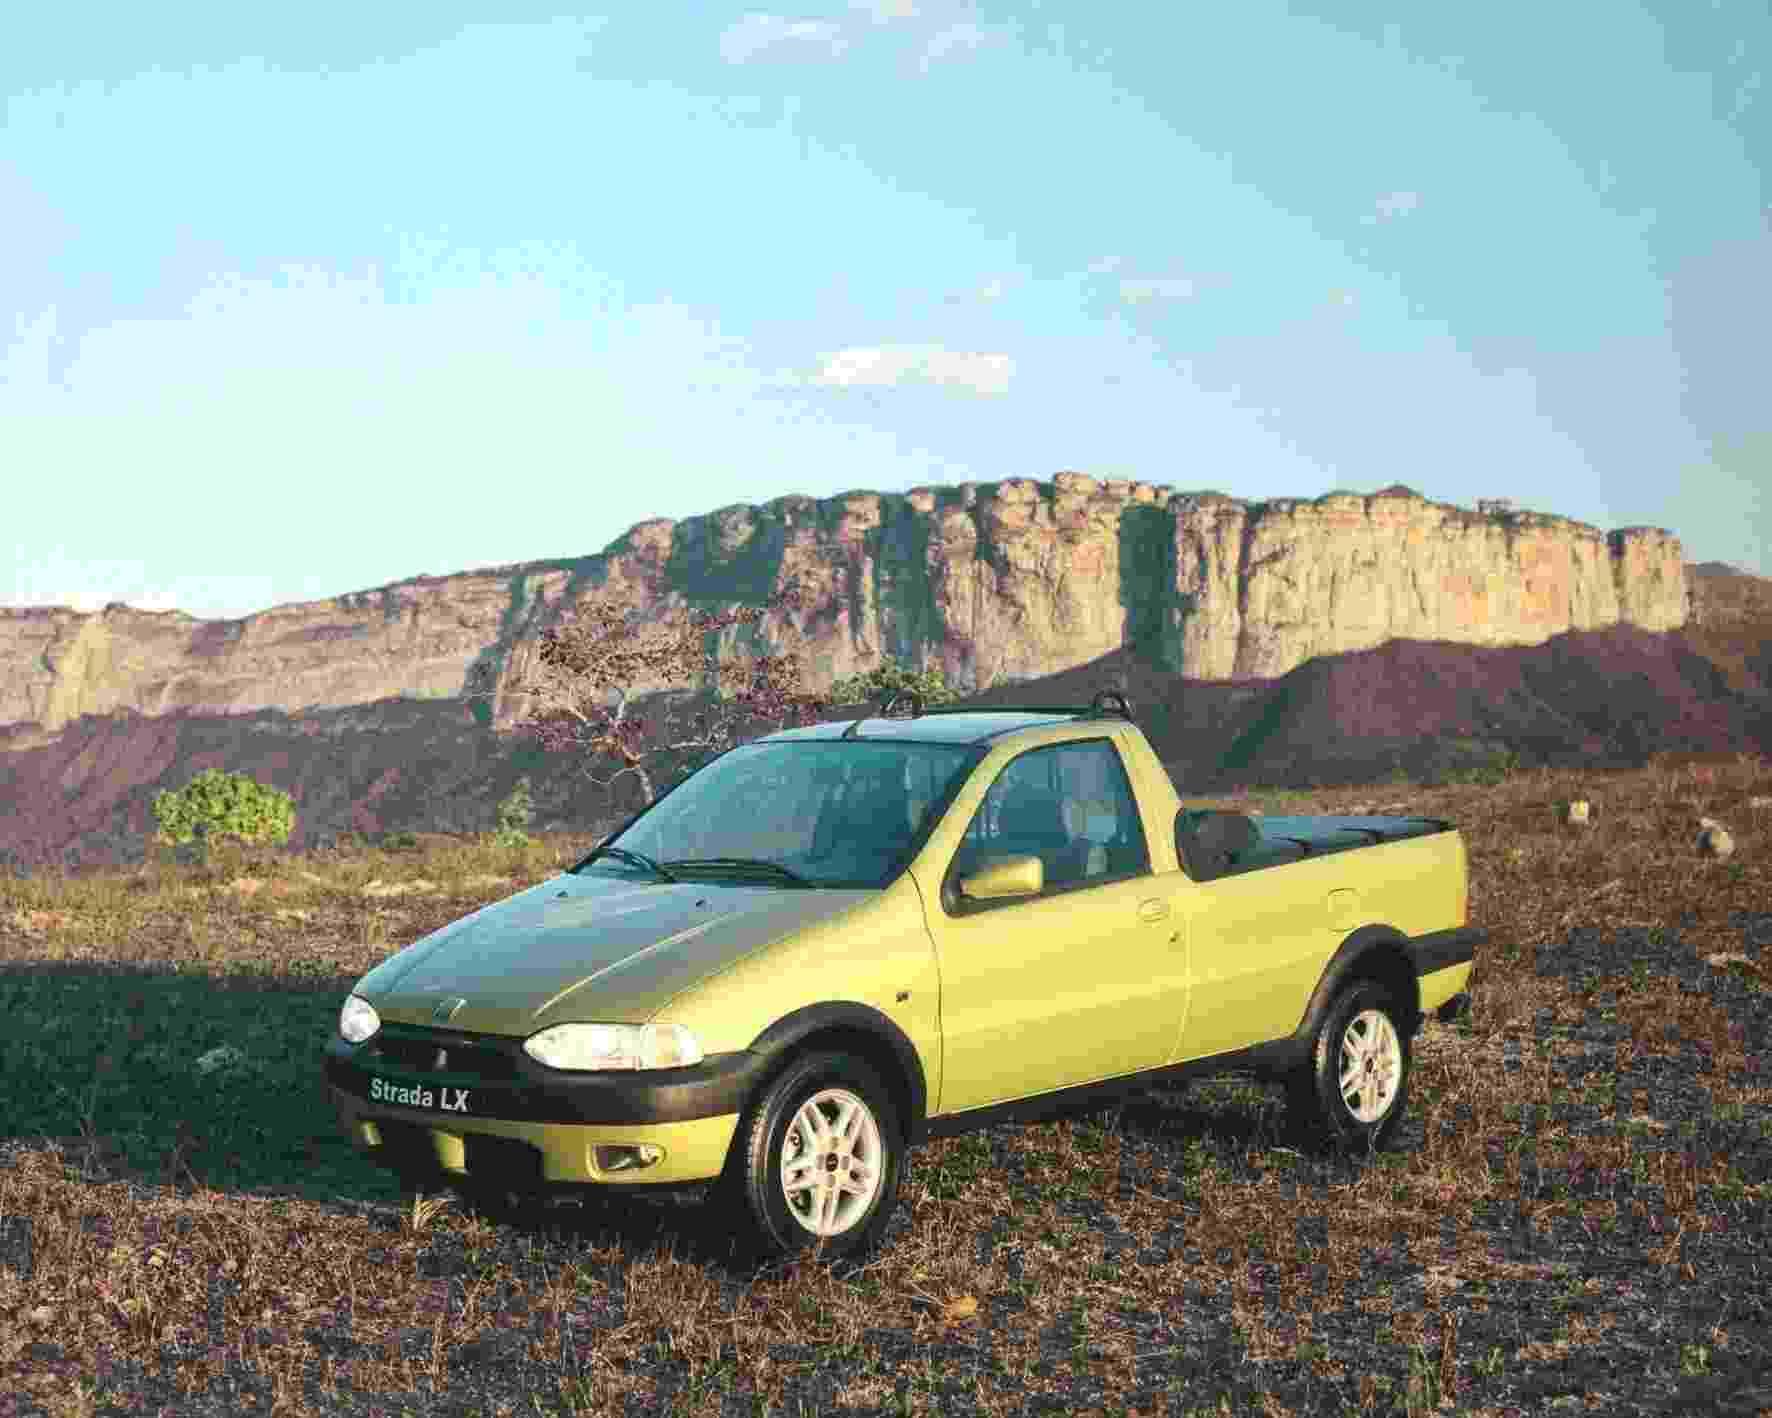 Fiat Strada LX - Divulgação